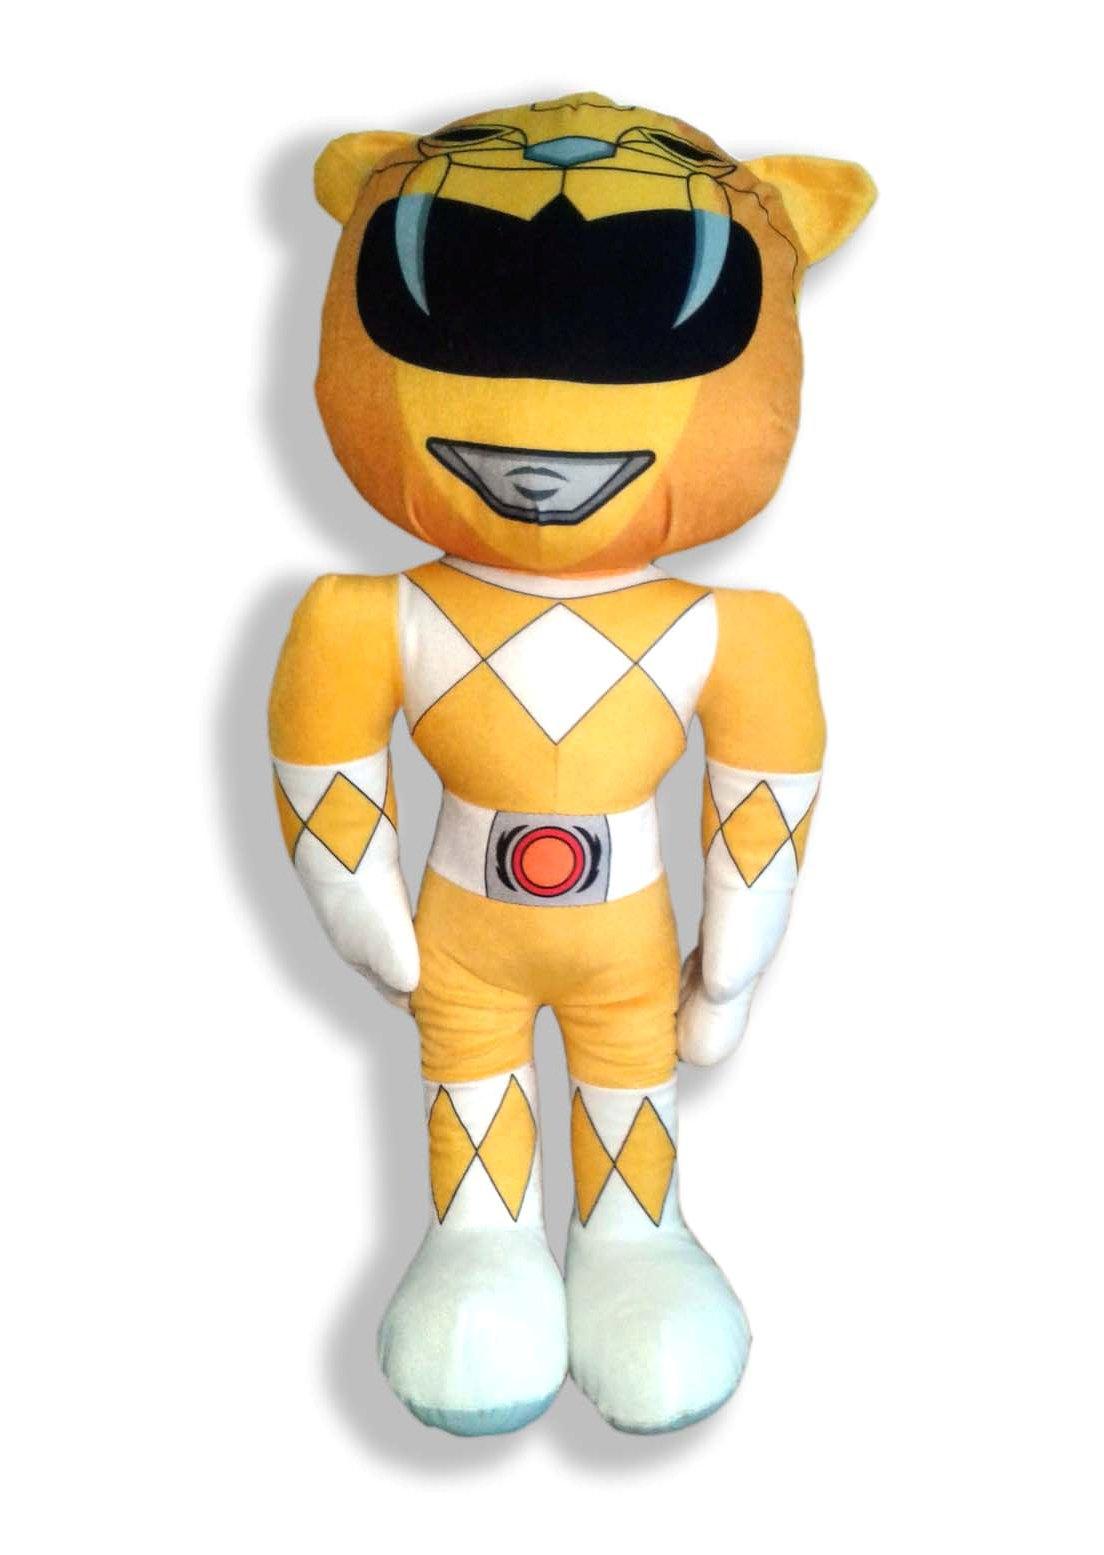 Power Ranger Gelb großes Bild